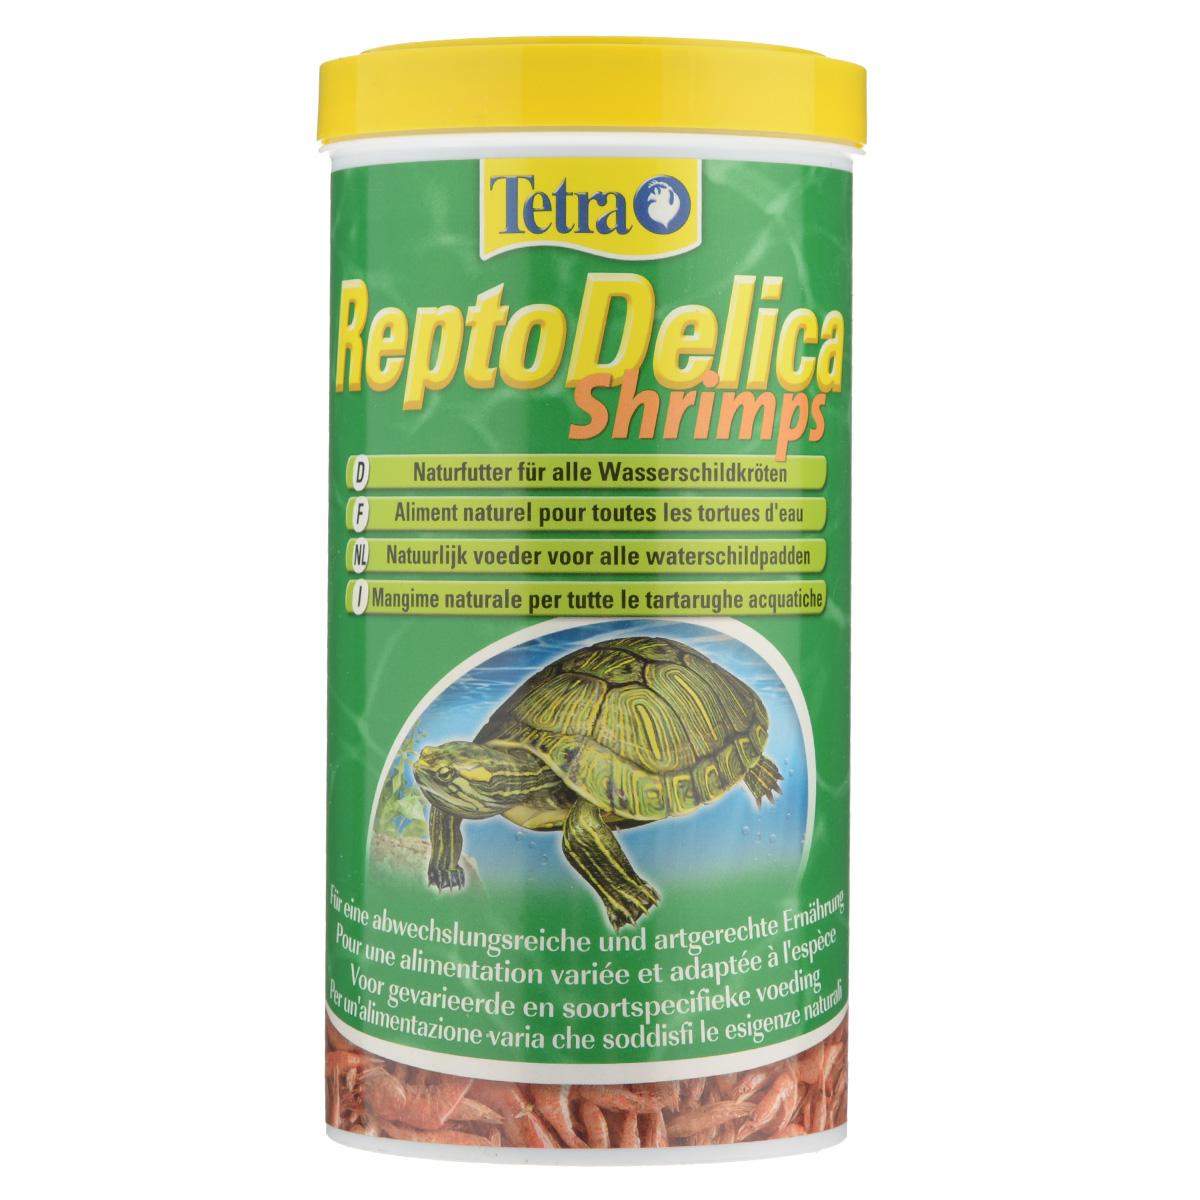 Корм-лакомство для водных черепах Tetra ReptoDelica Shrimps, креветки, 1 л0120710Дополнительный корм-лакомство Tetra ReptoDelica Shrimps для плотоядных черепах. Цельные сублимированные креветки для удовольствия и разнообразия в еде. Богаты минералами - способствуют правильному развитию костей и панциря. Отличная добавка. Рекомендации по кормлению: давайте рептилиям такое количество корма, которое они смогут съесть за короткое время. Через 30 минут удалите из воды несъеденные остатки.Состав: 100 % креветки.Вес: 1000 мл (100 г).Товар сертифицирован.